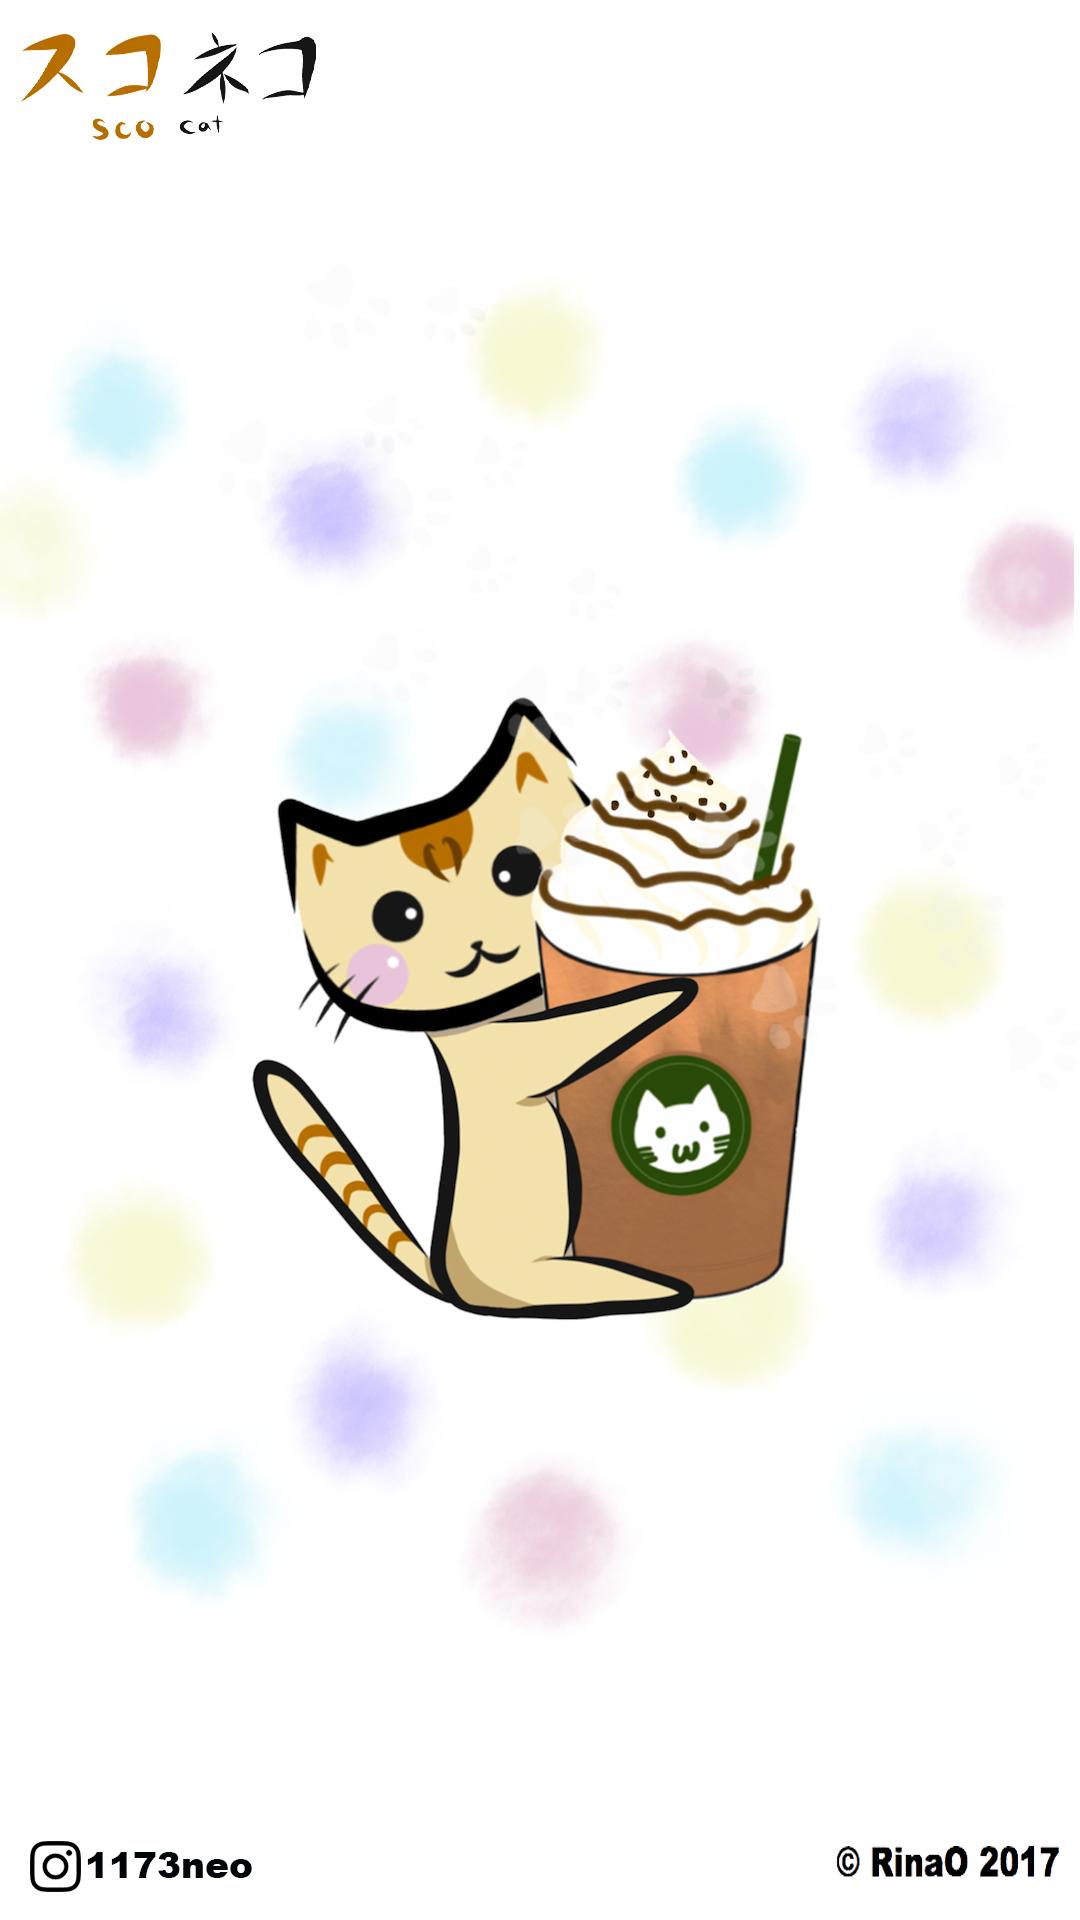 子猫 スコネコ スコティッシュフォールド 無料 壁紙 カフェ 着せかえ